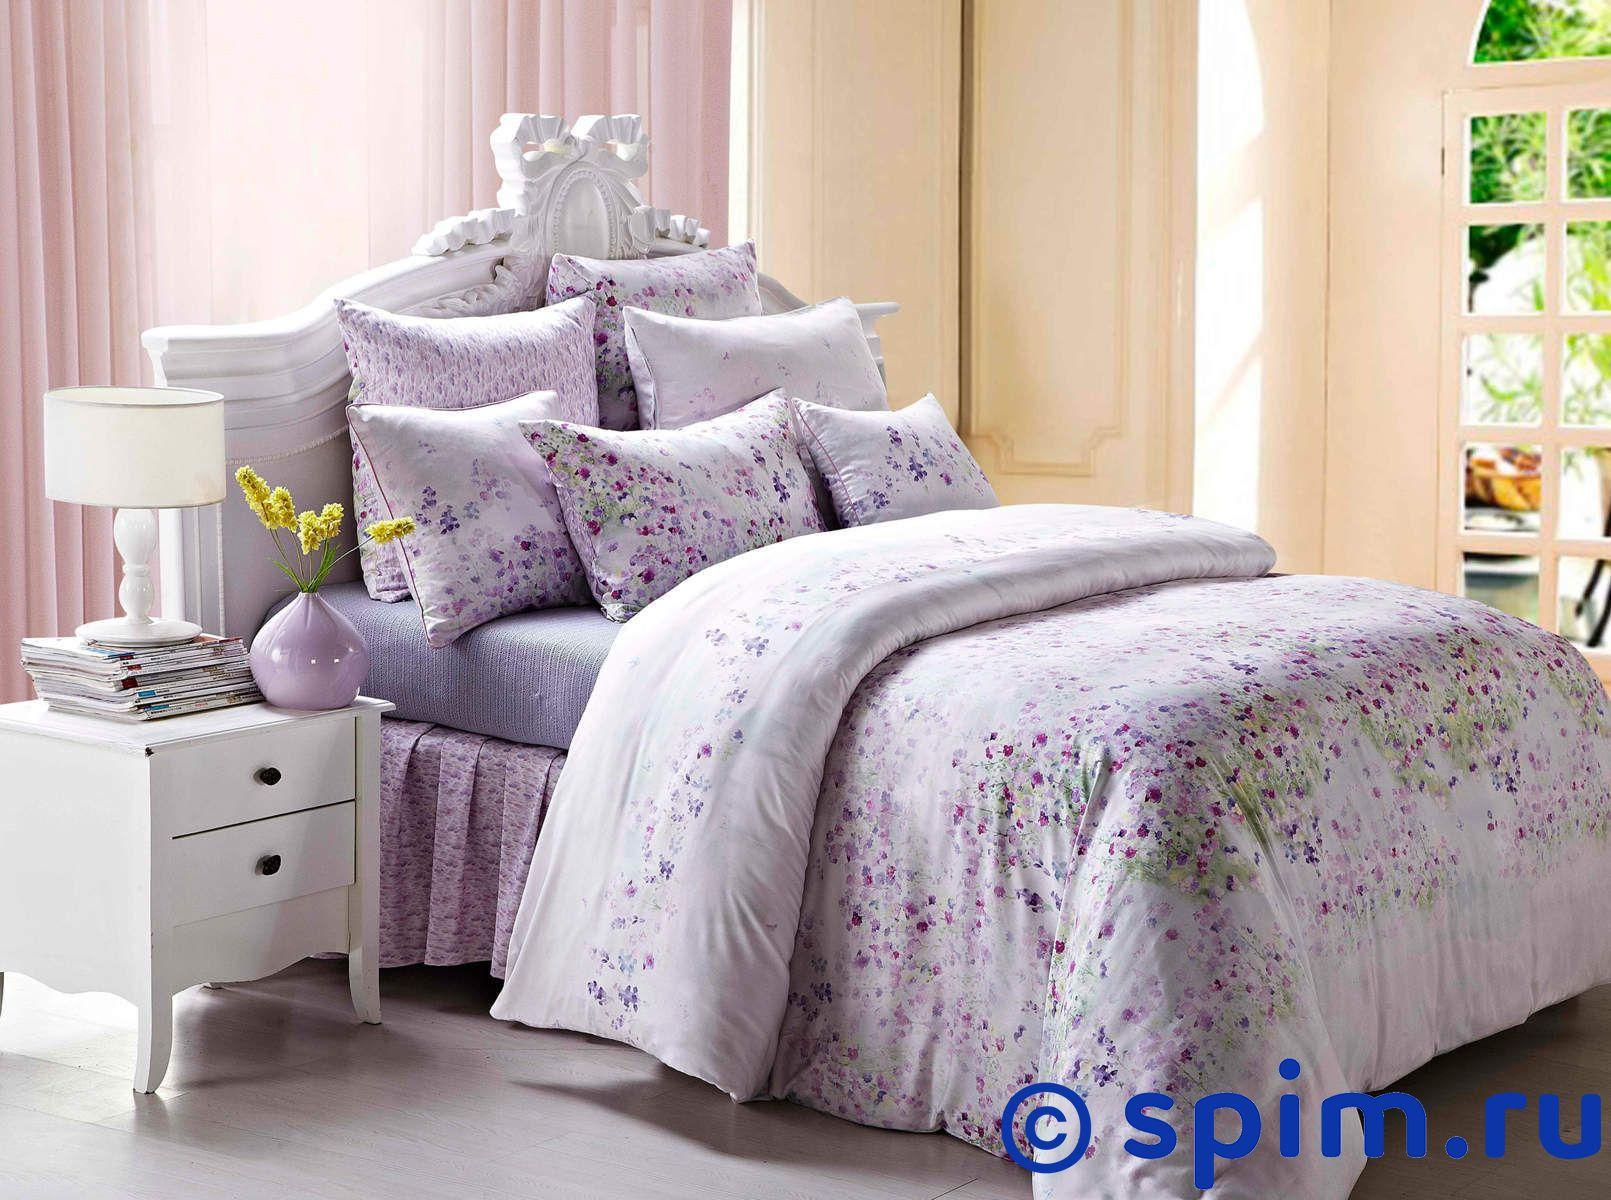 Комплект СайлиД E54 2 спальное